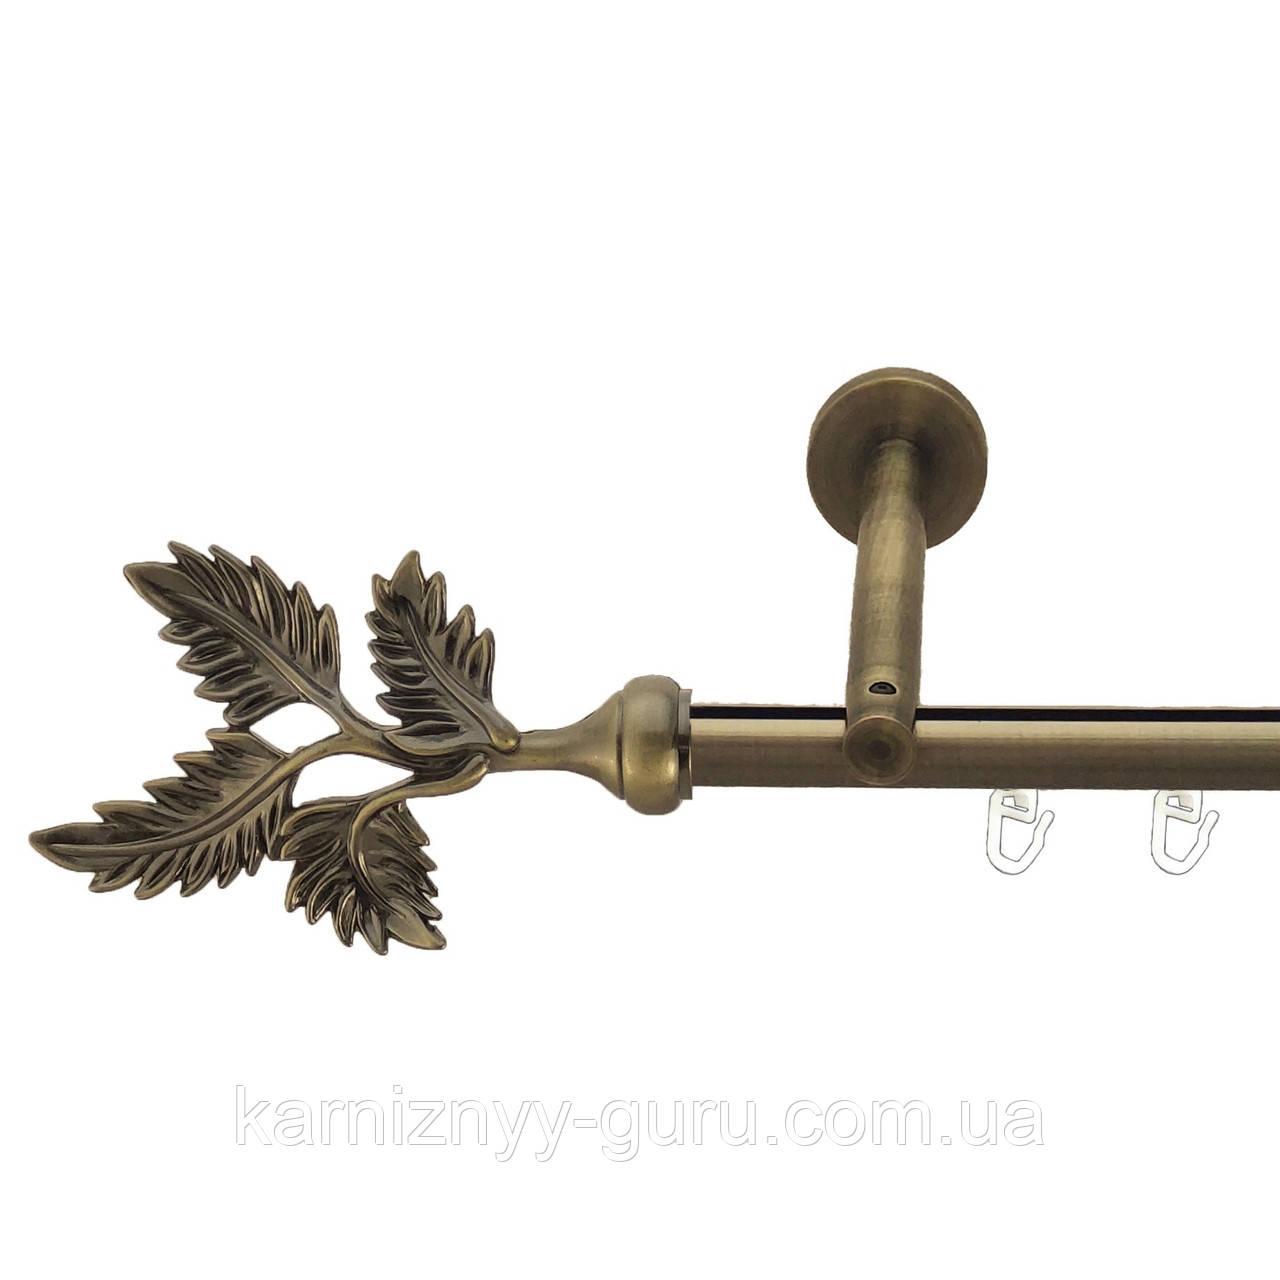 Карниз для штор ø 16 мм, одинарный, наконечник Папороть